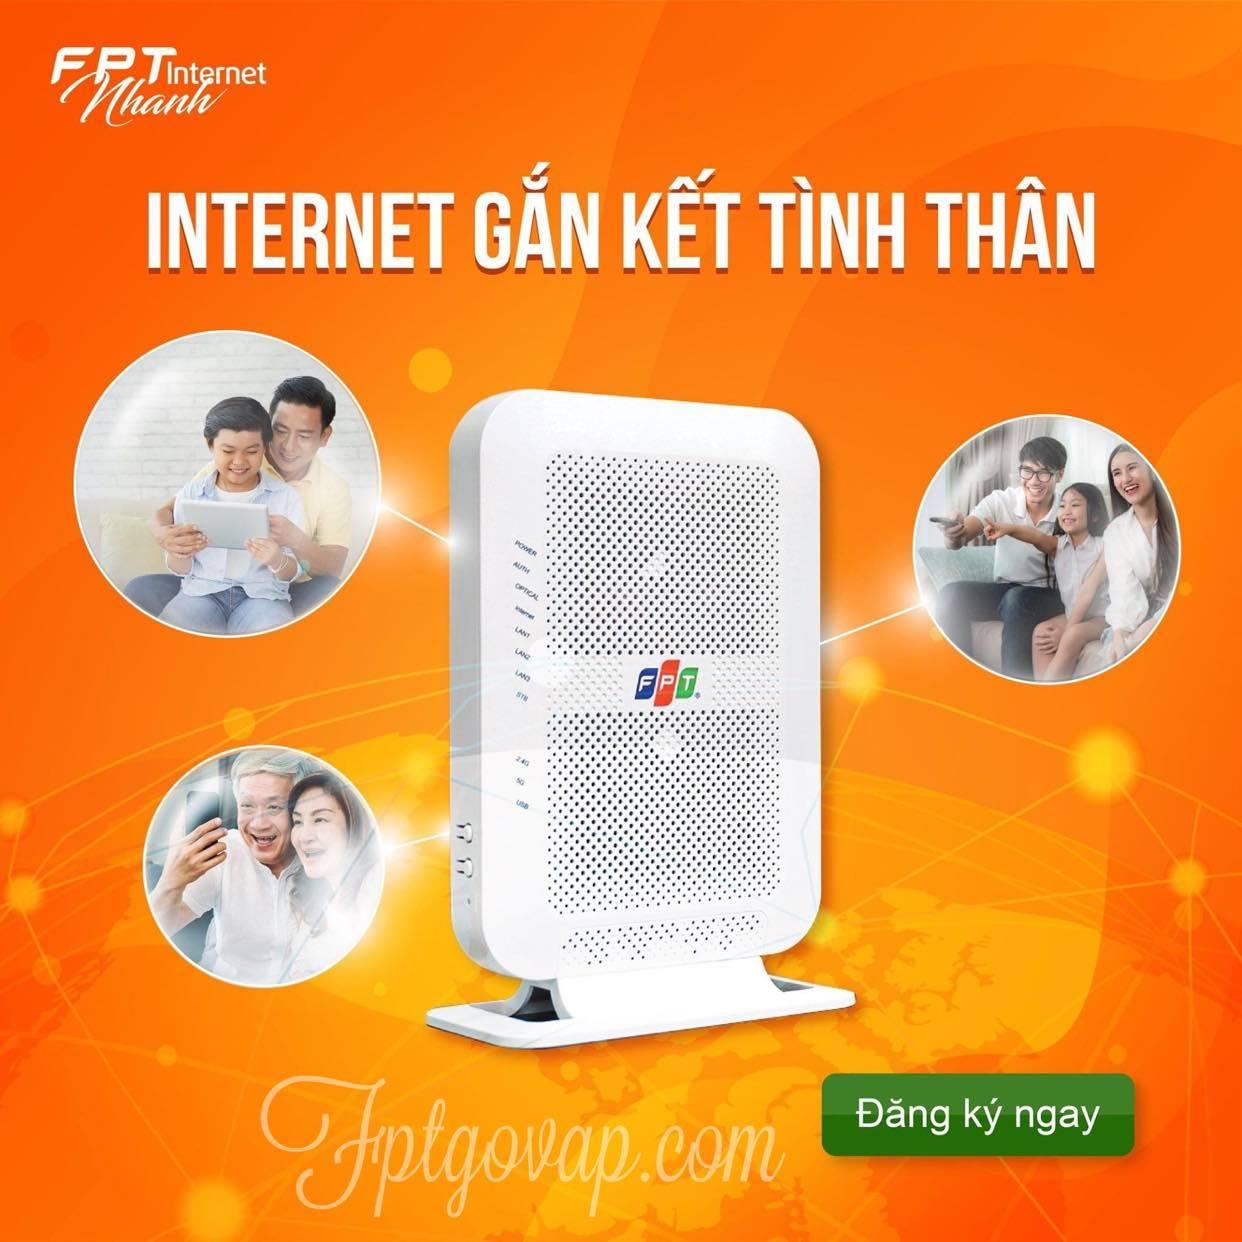 Internet cáp quang - Một sản phẩm của FPT Telecom Đồng Nai.